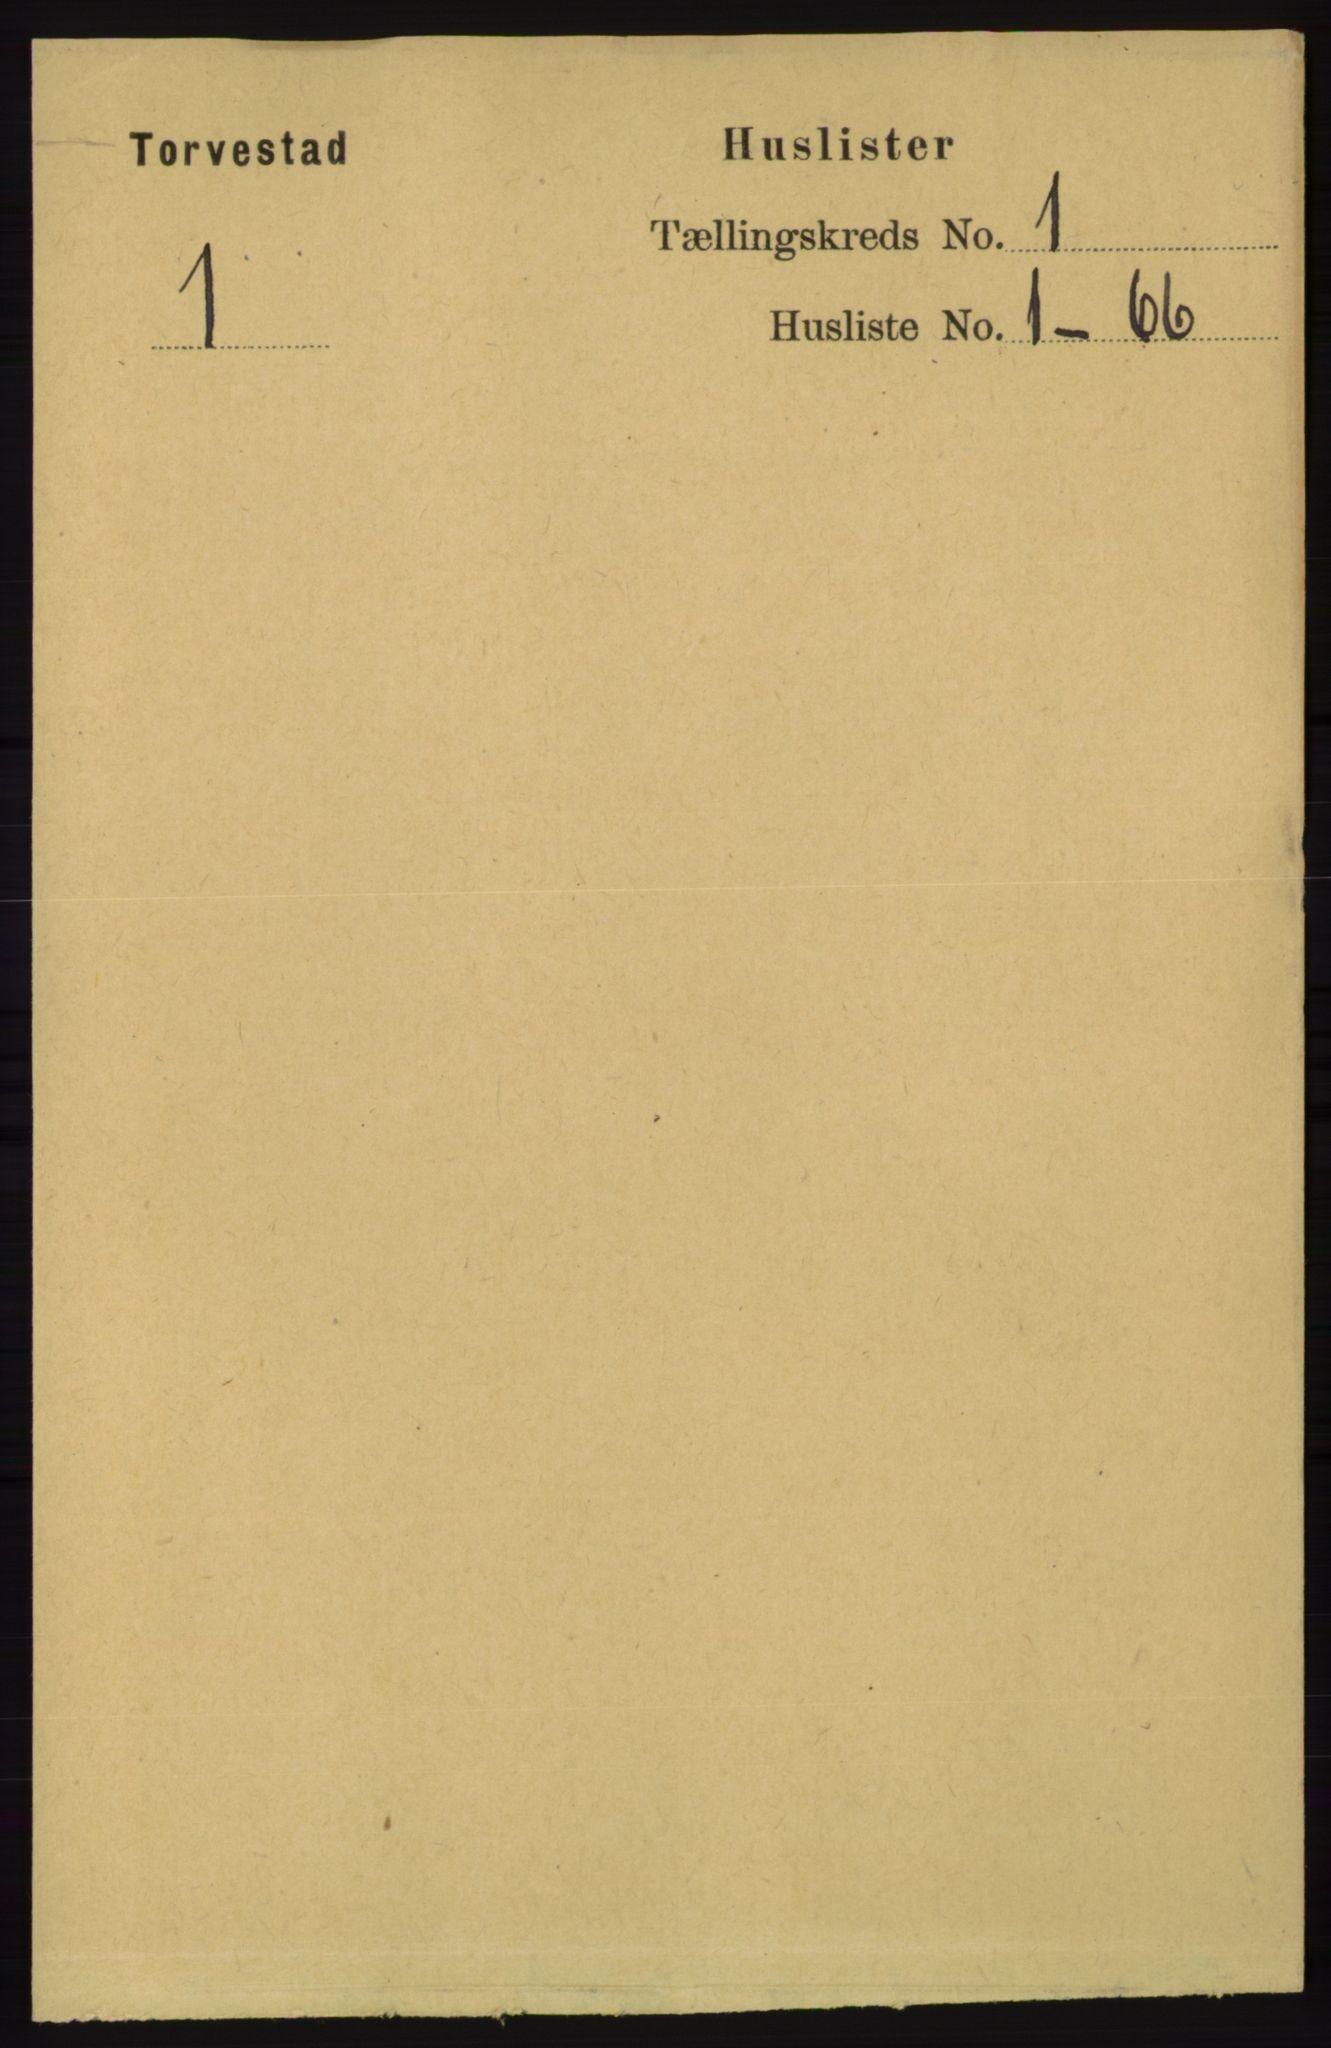 RA, Folketelling 1891 for 1152 Torvastad herred, 1891, s. 17